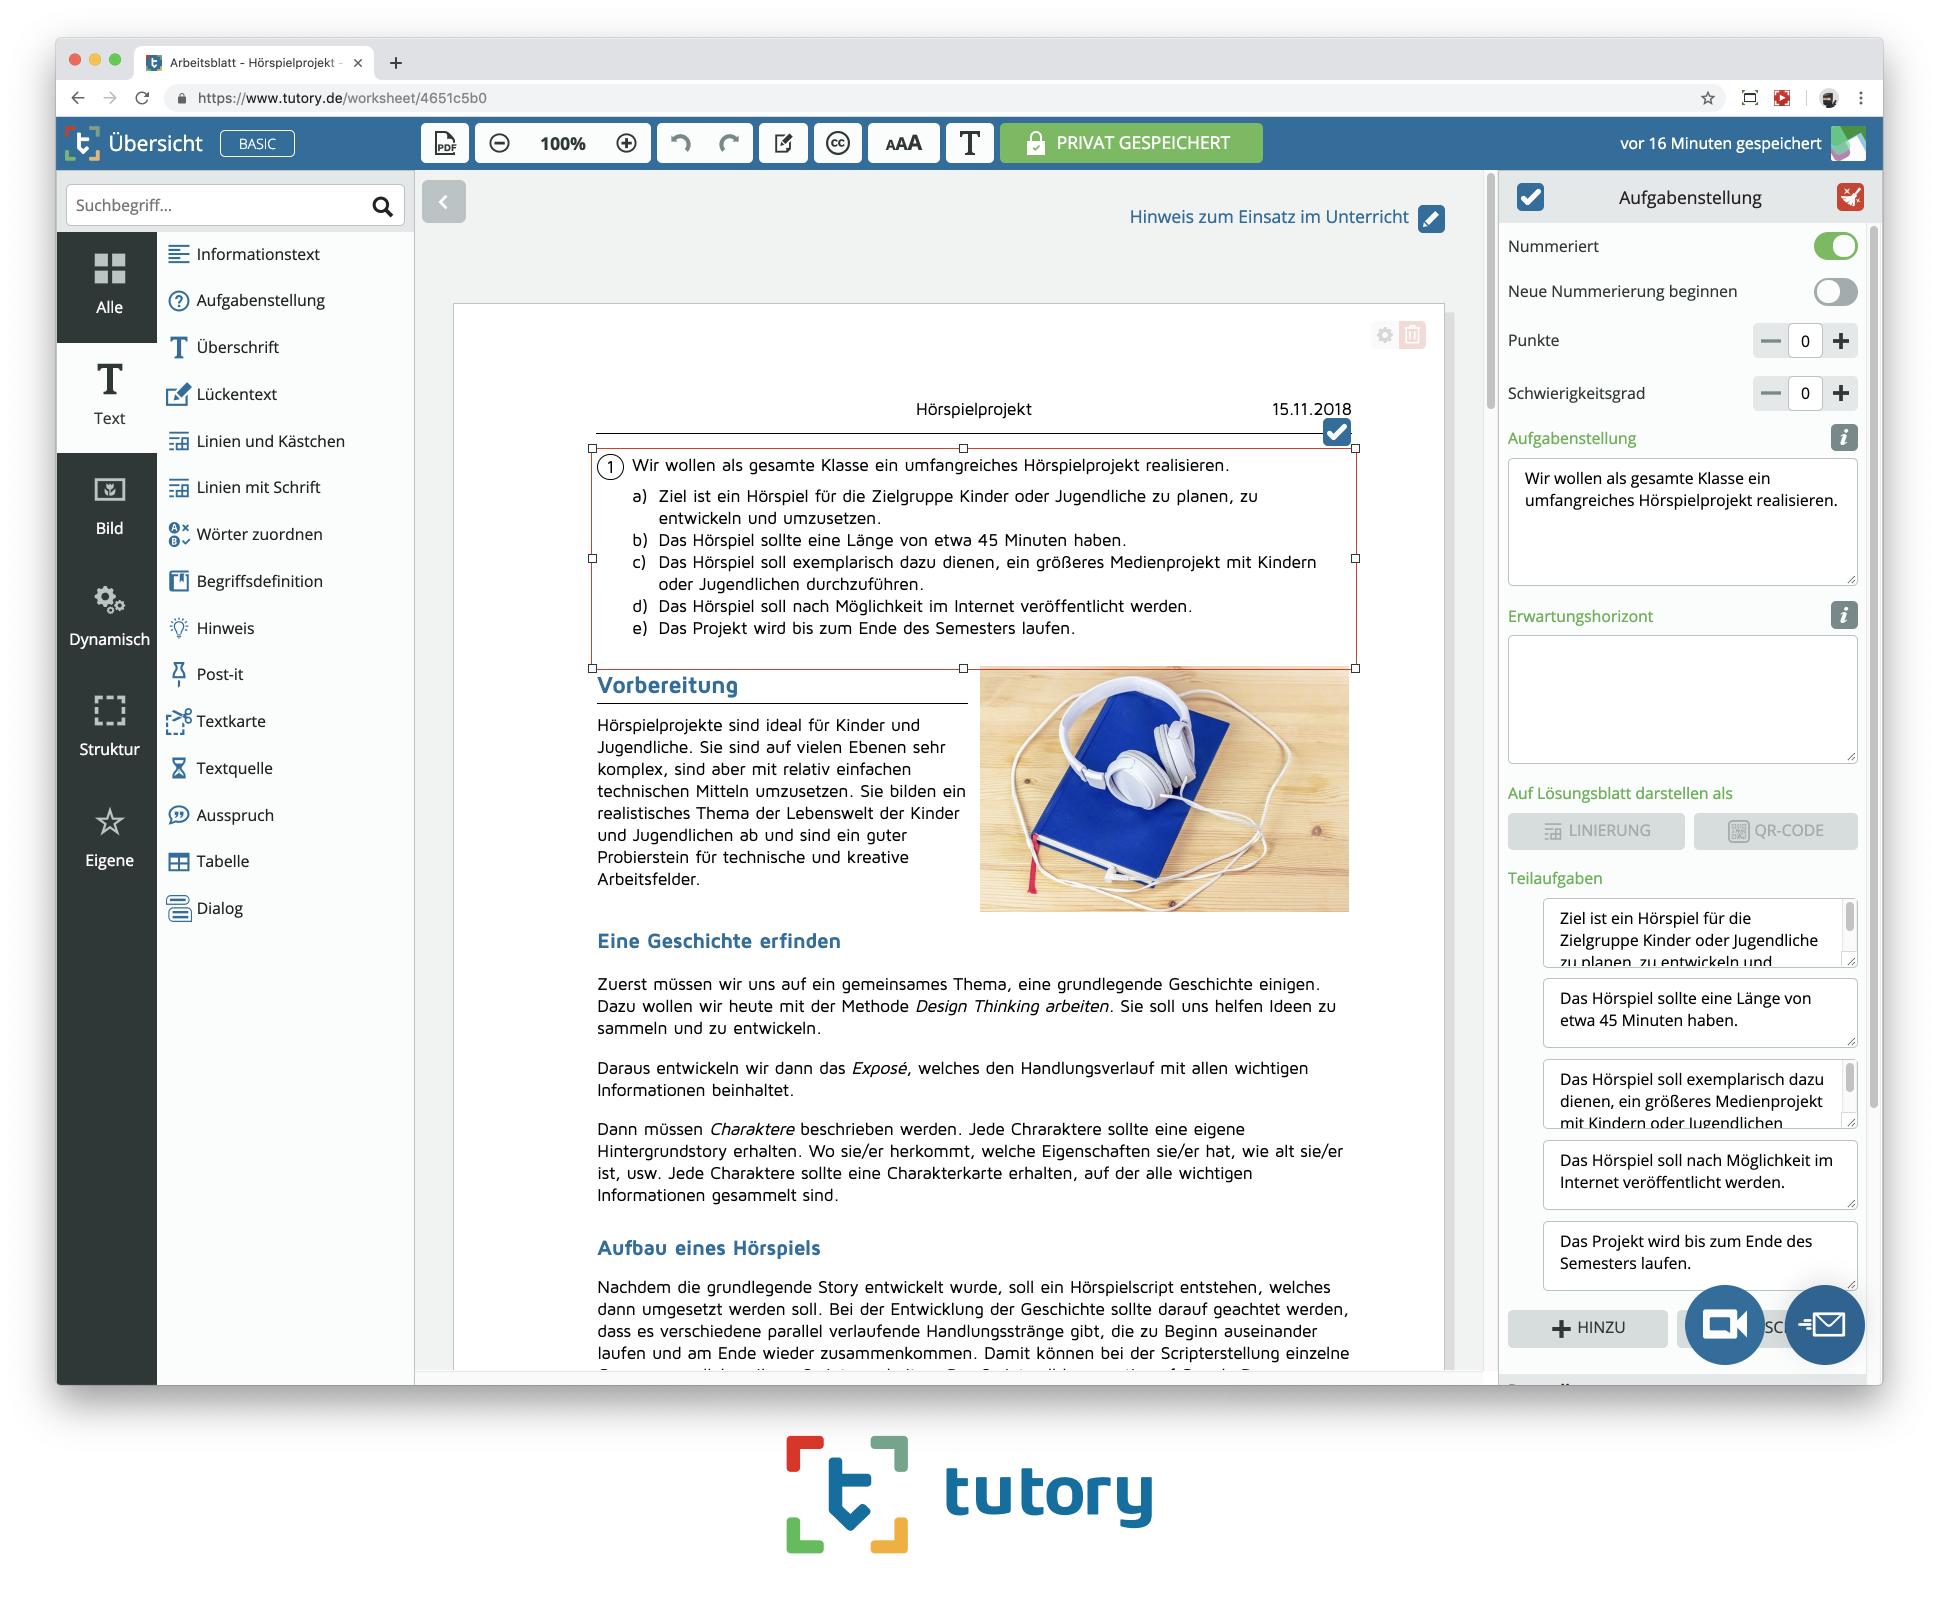 Tutoryde Der Online Editor Für Eigene Unterrichtsmaterialien